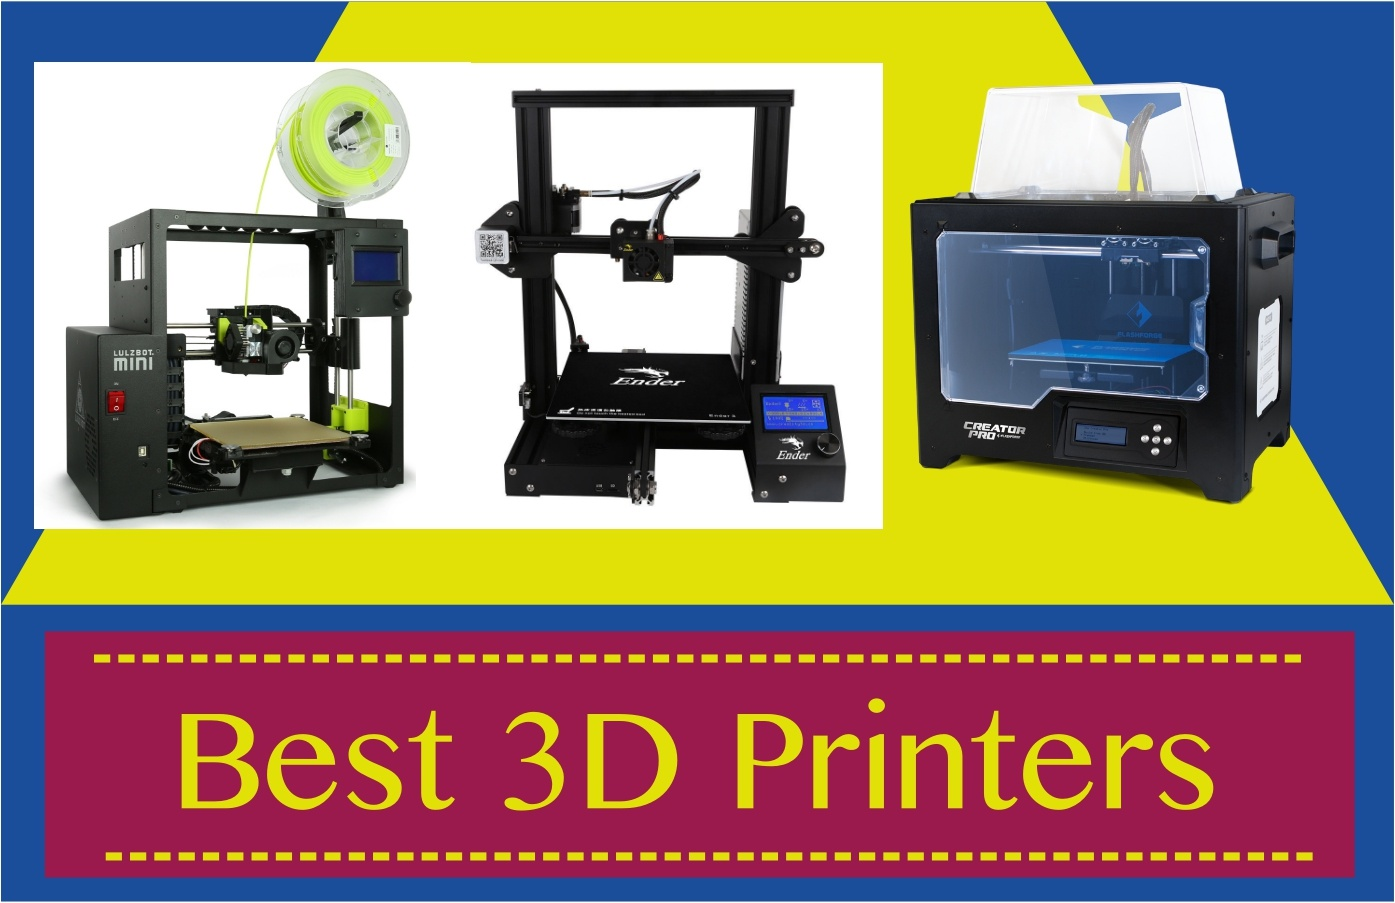 Best 3D Printers to Buy in 2019 | 10 Unbiased